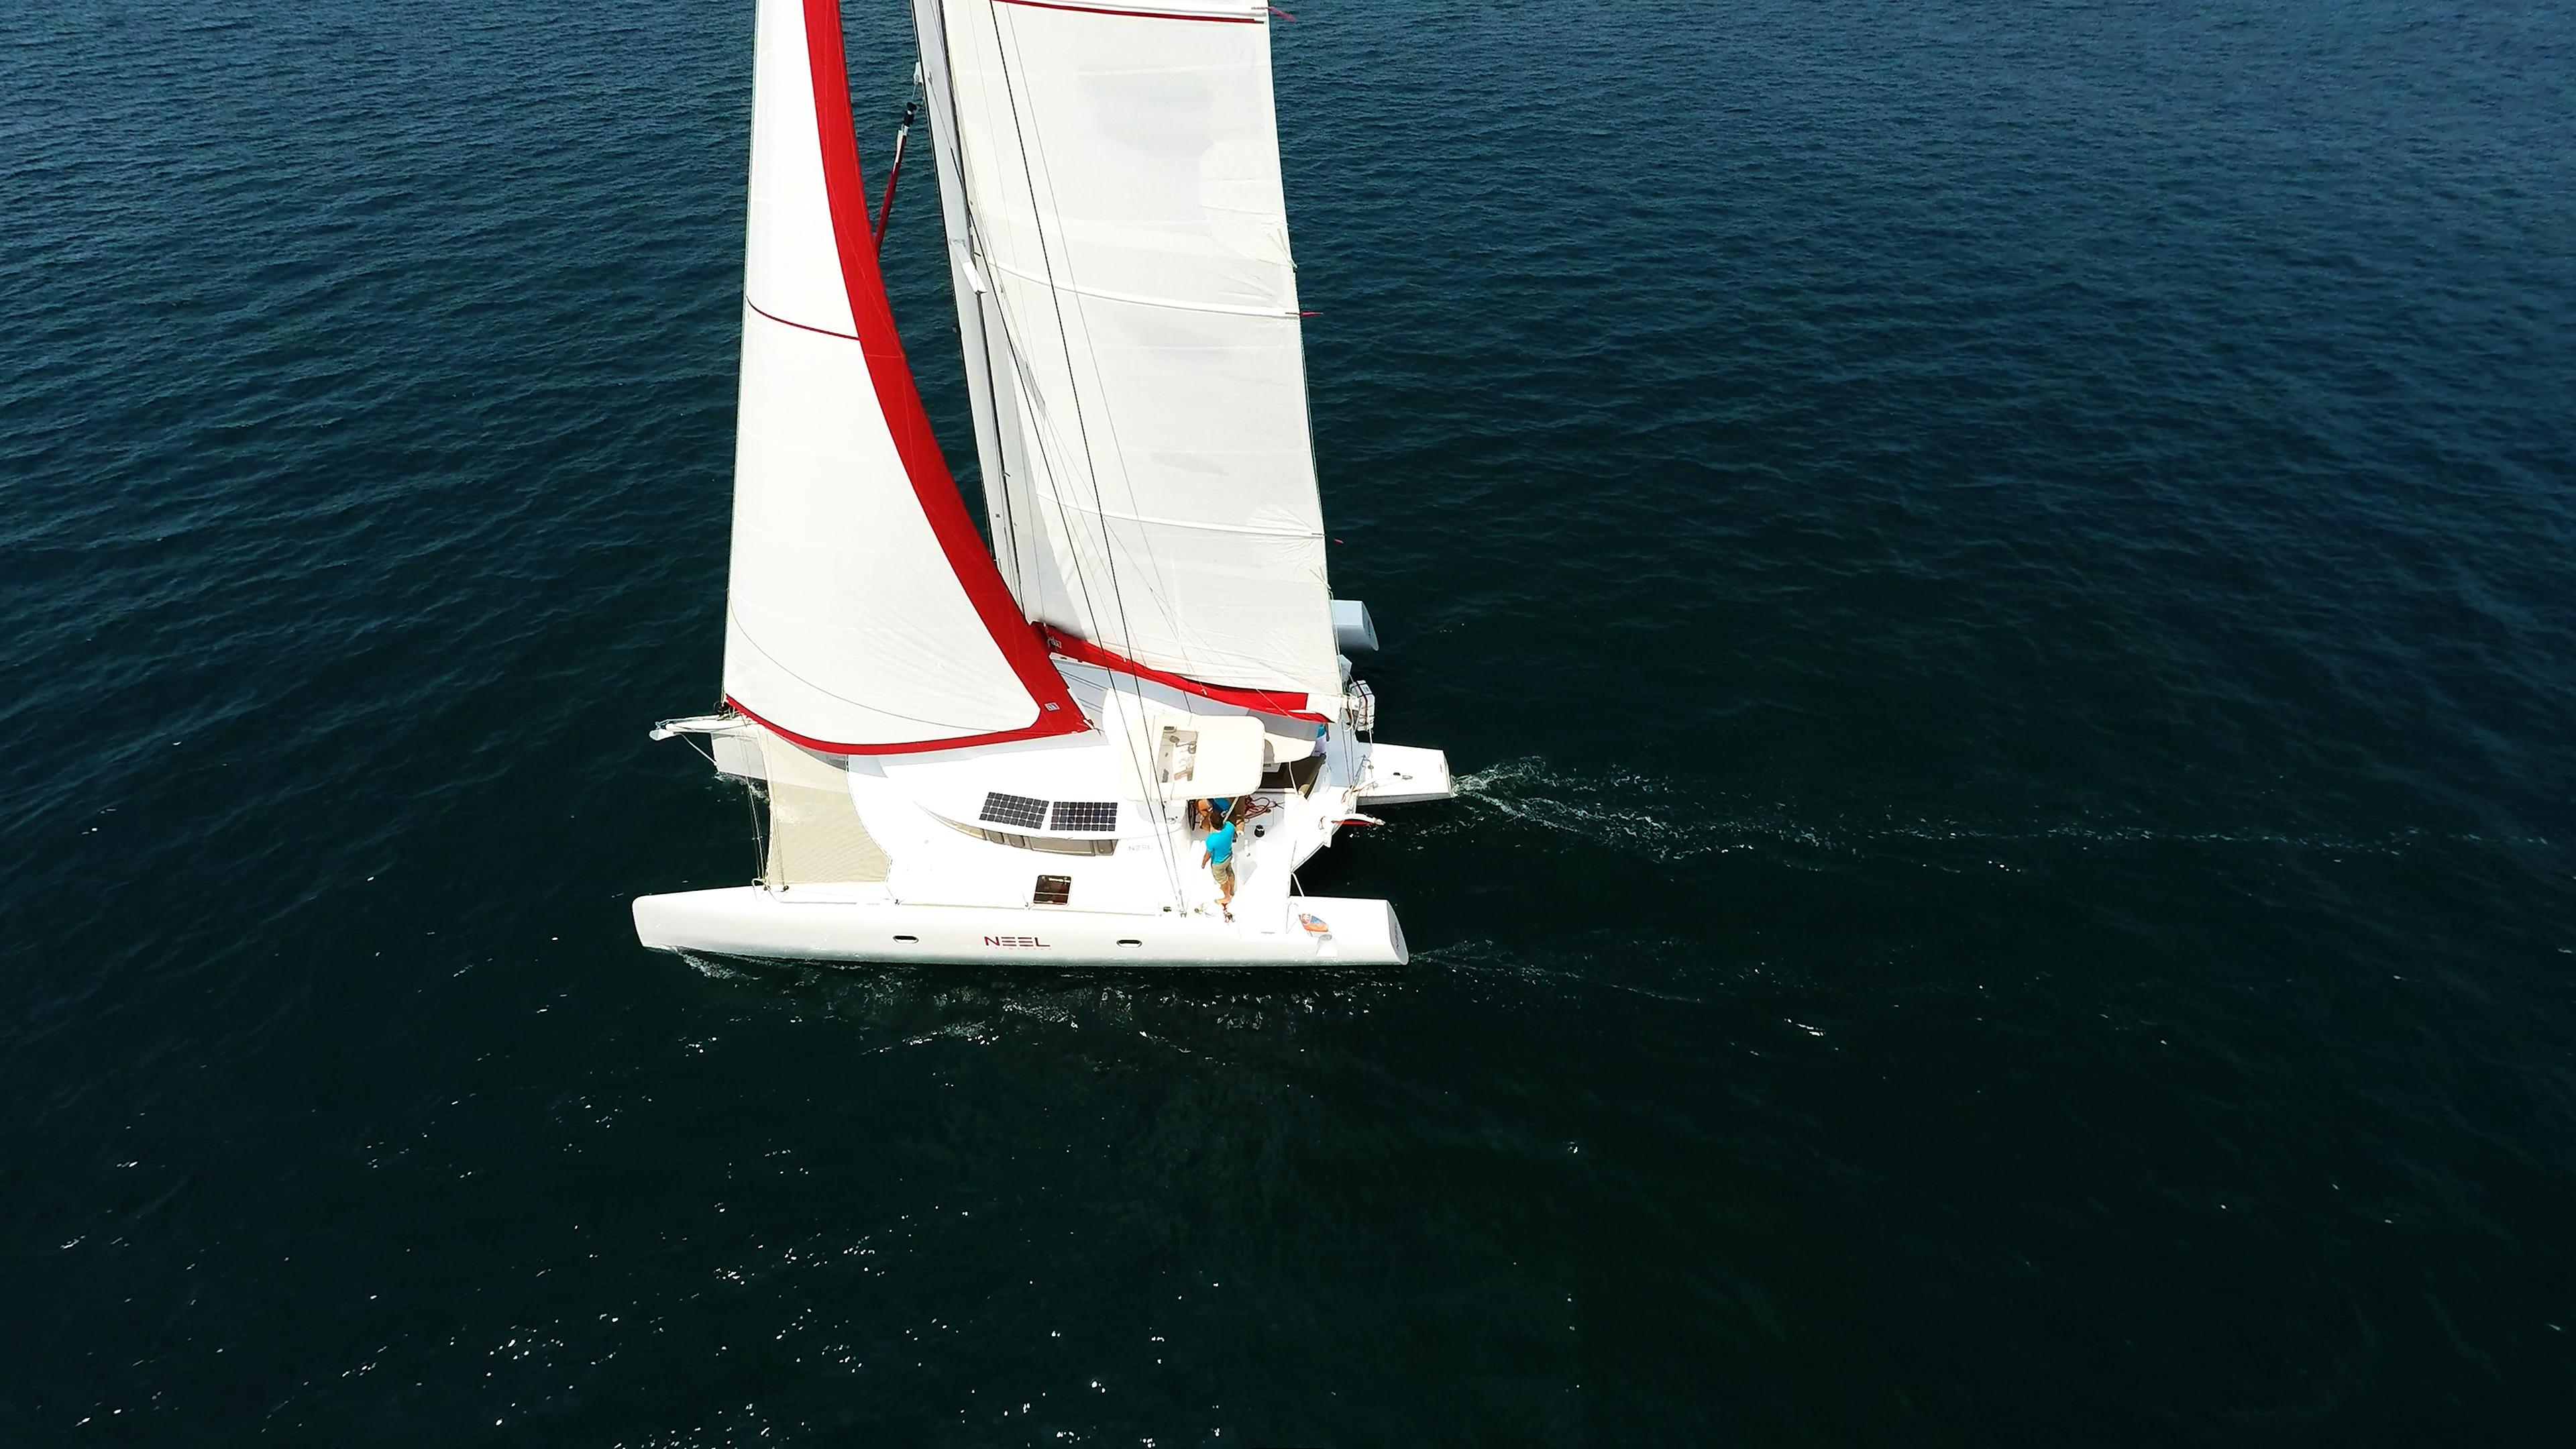 barca a noleggio trimarano a vela yacht al mare